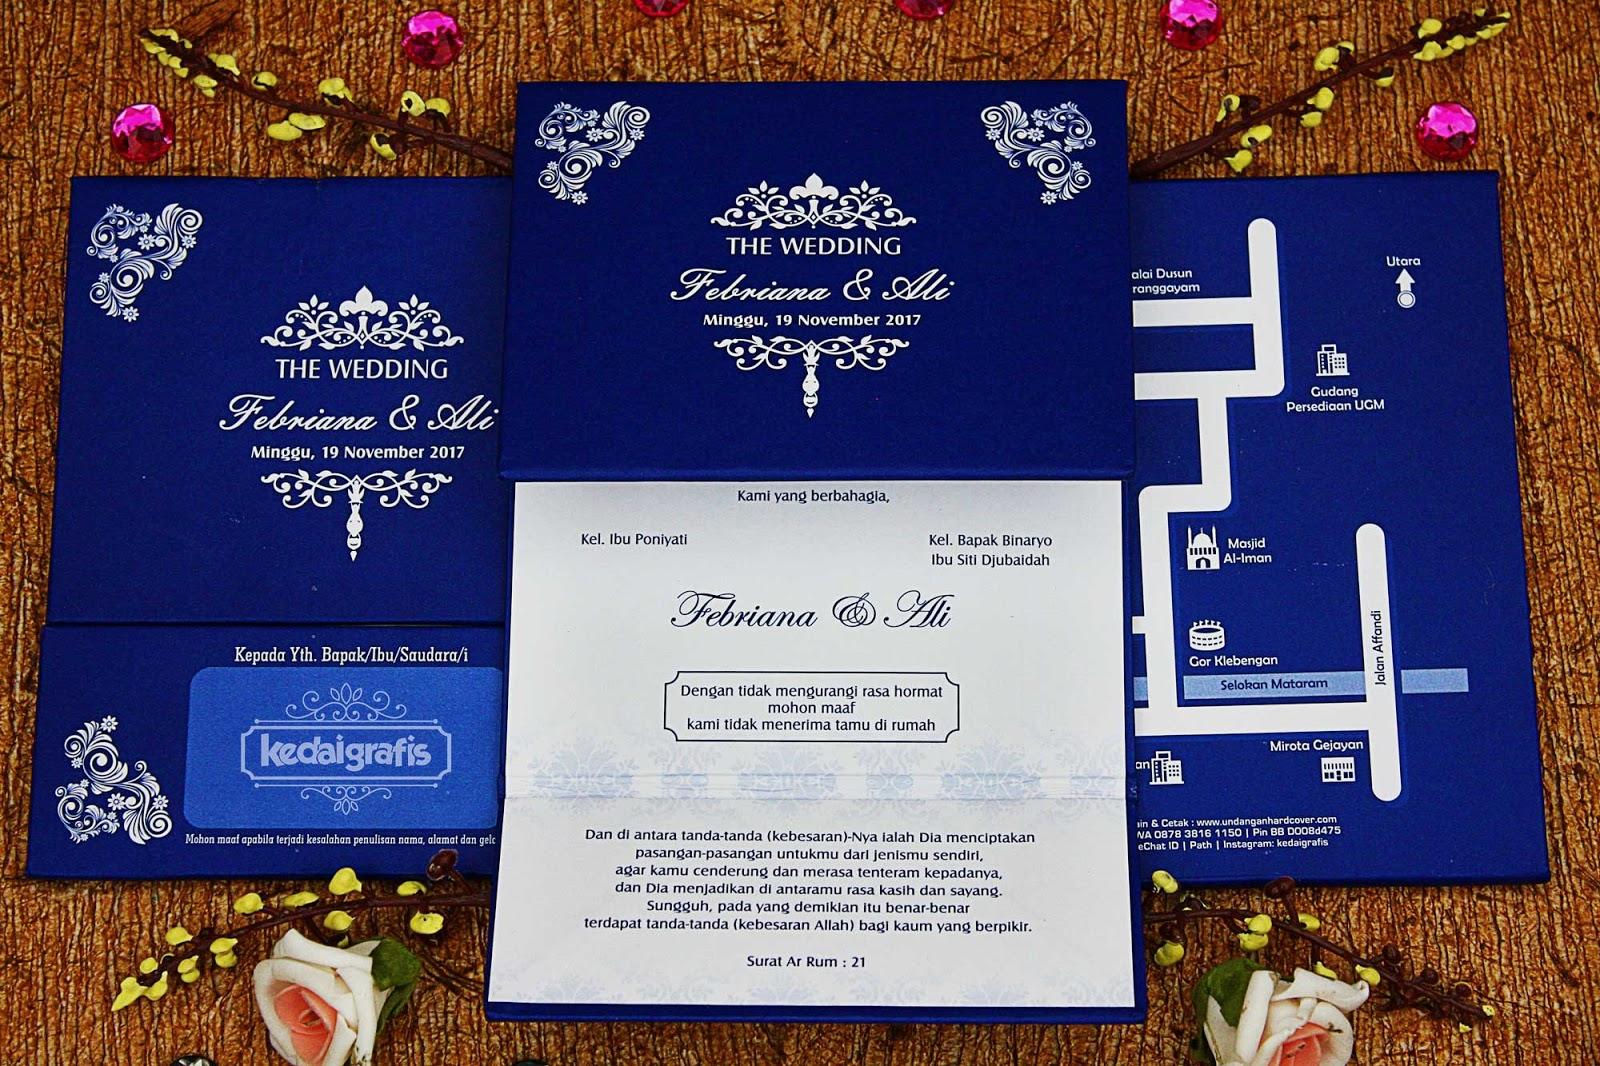 Contoh Undangan Pernikahan Emas 50 Tahun Contoh Undangan Pernikahan